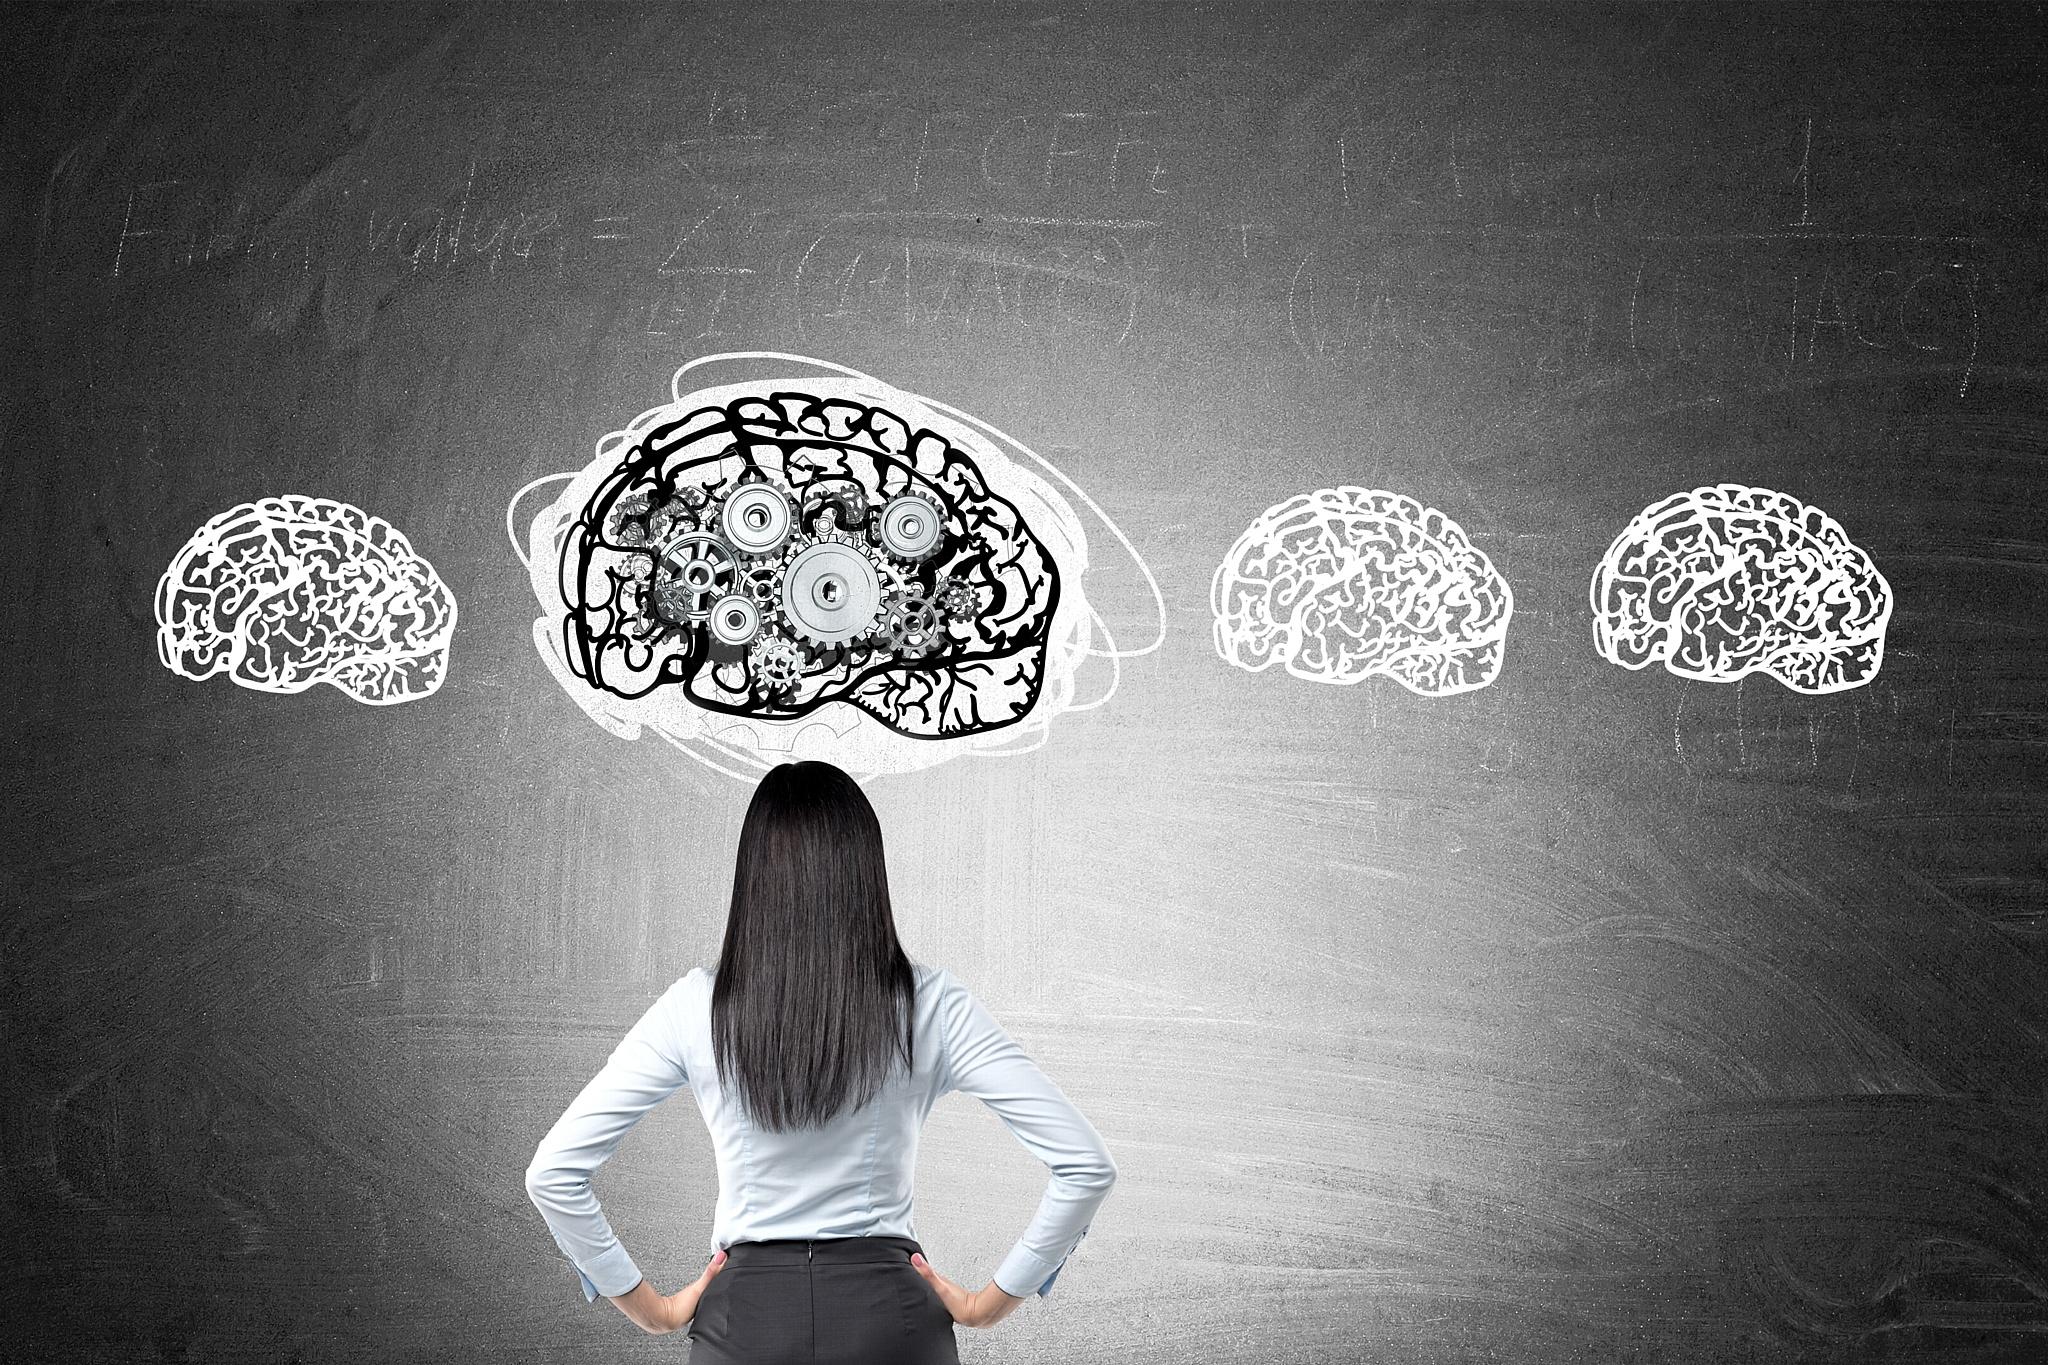 Как развивать память и внимание сотрудников по методикам спецслужб?